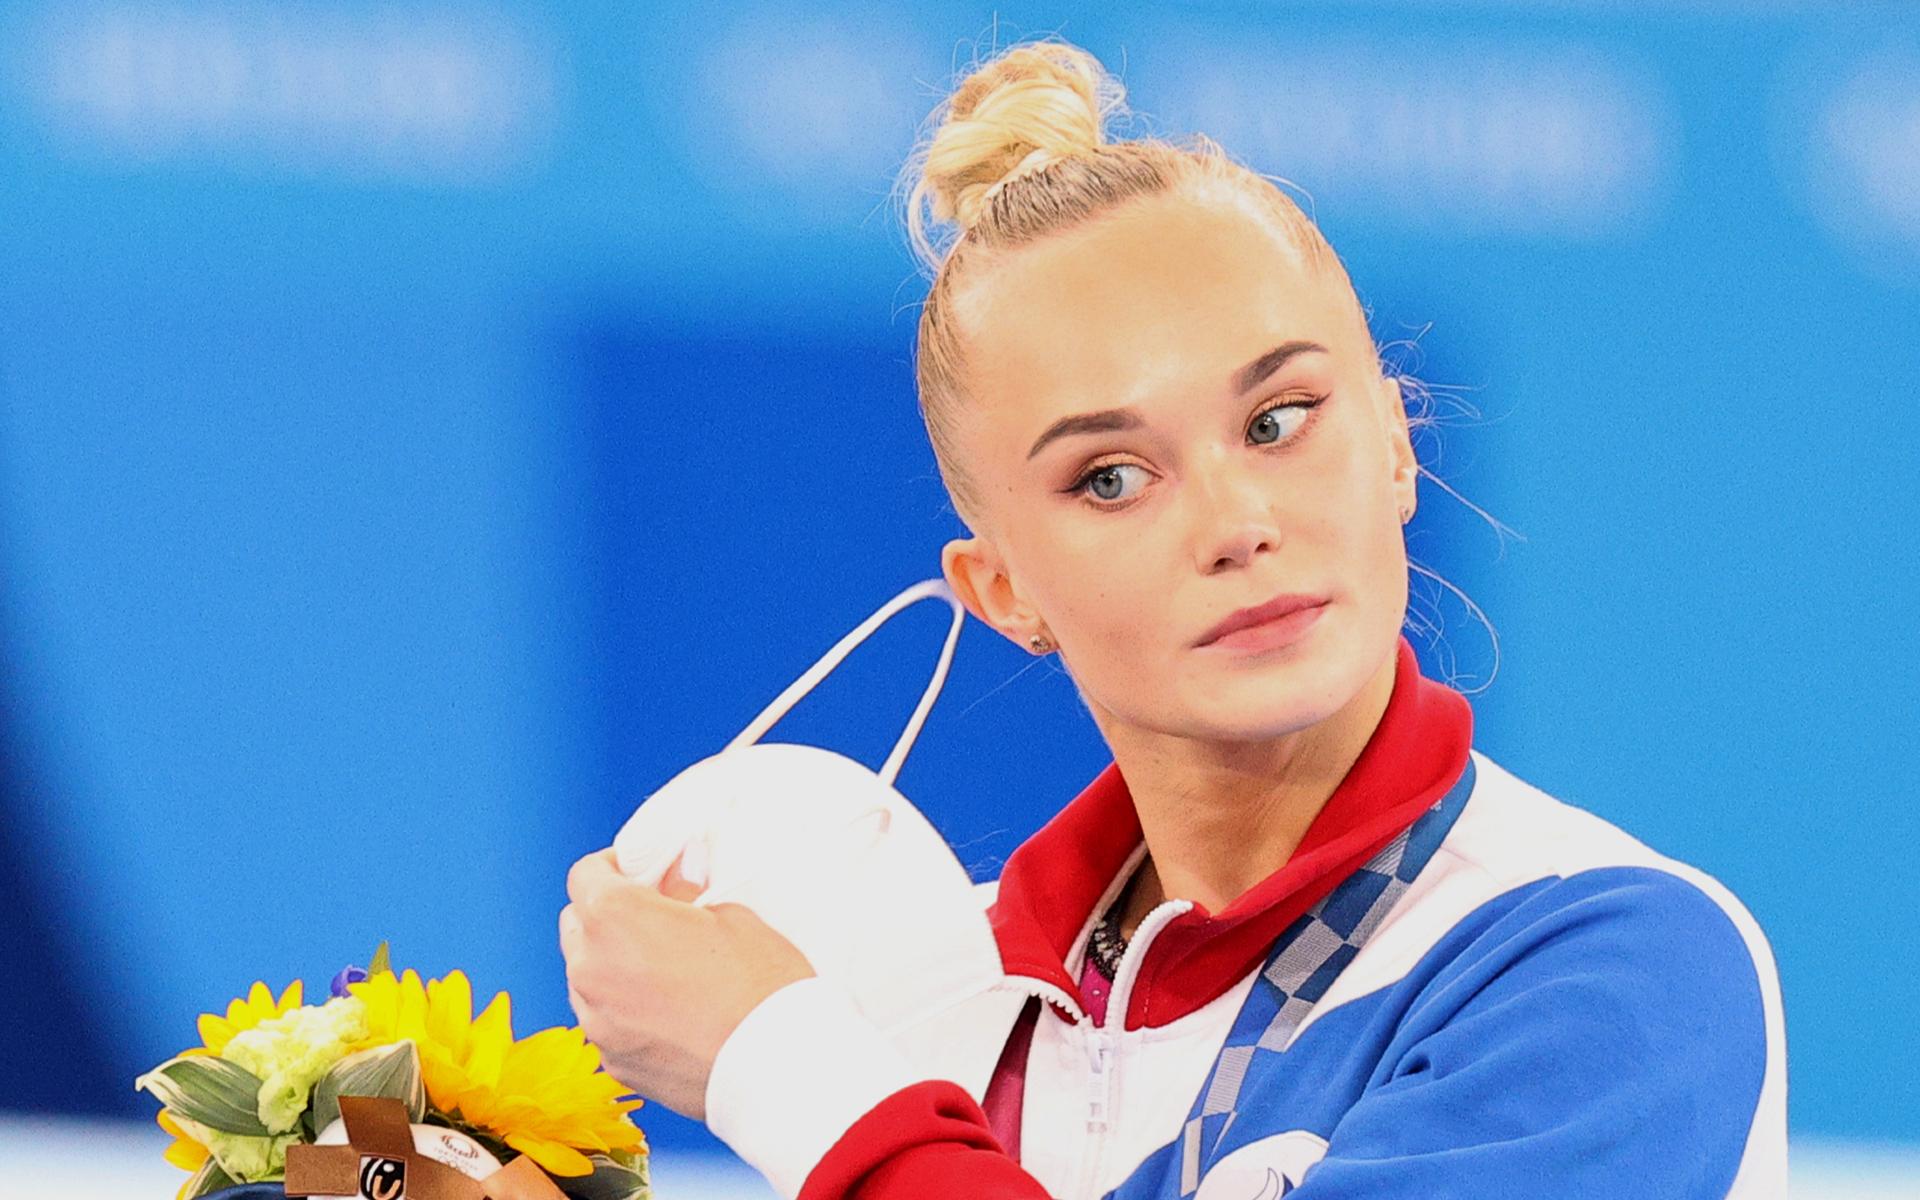 Фото: Ангелина Мельникова (Сергей Бобылев/ТАСС)